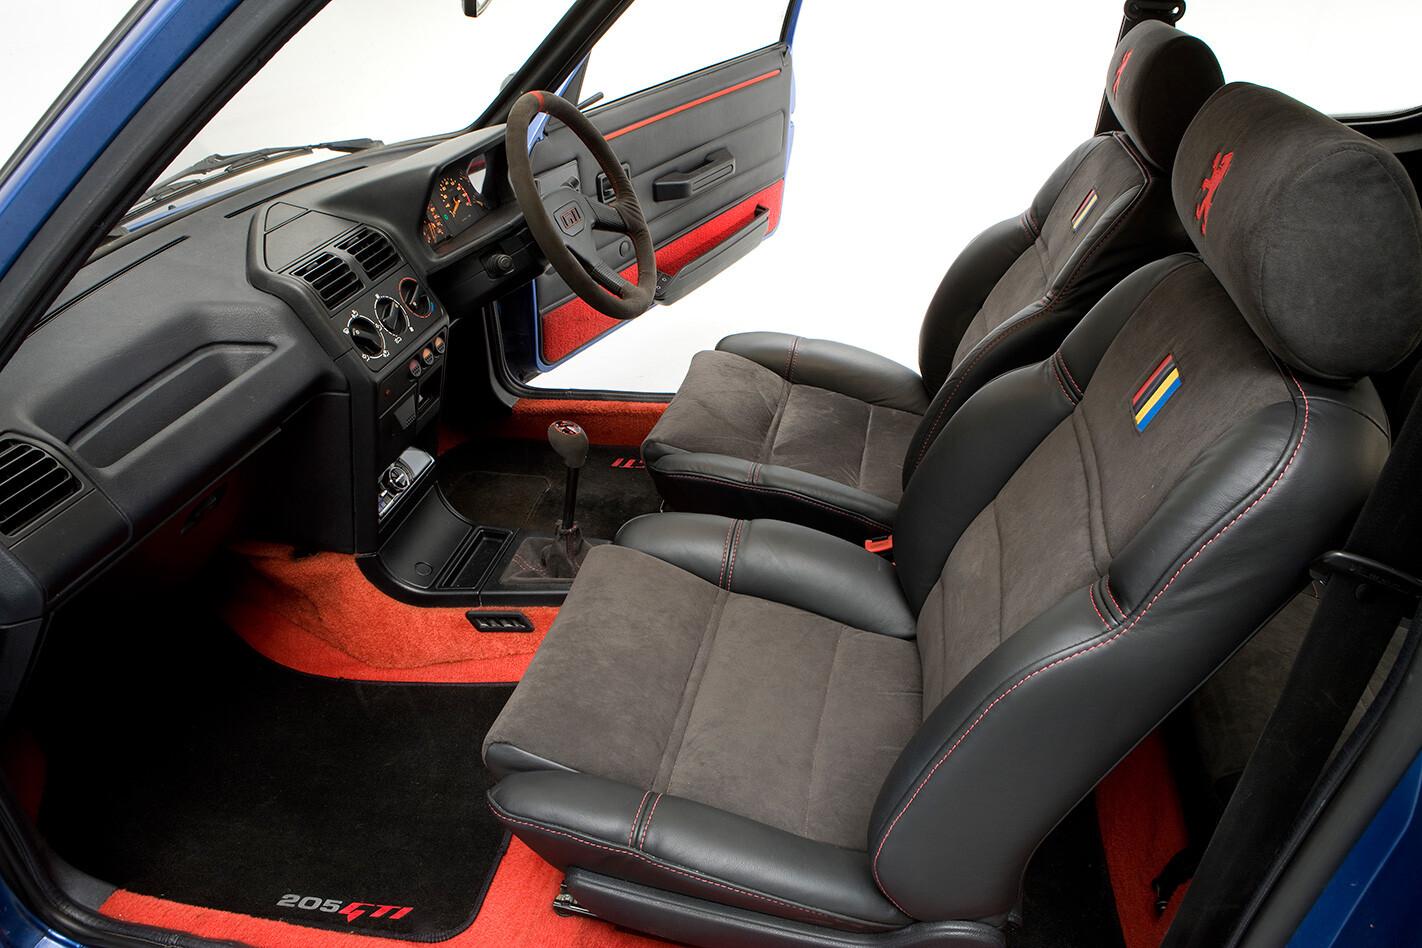 1987 Peugeot 205 GTi interior